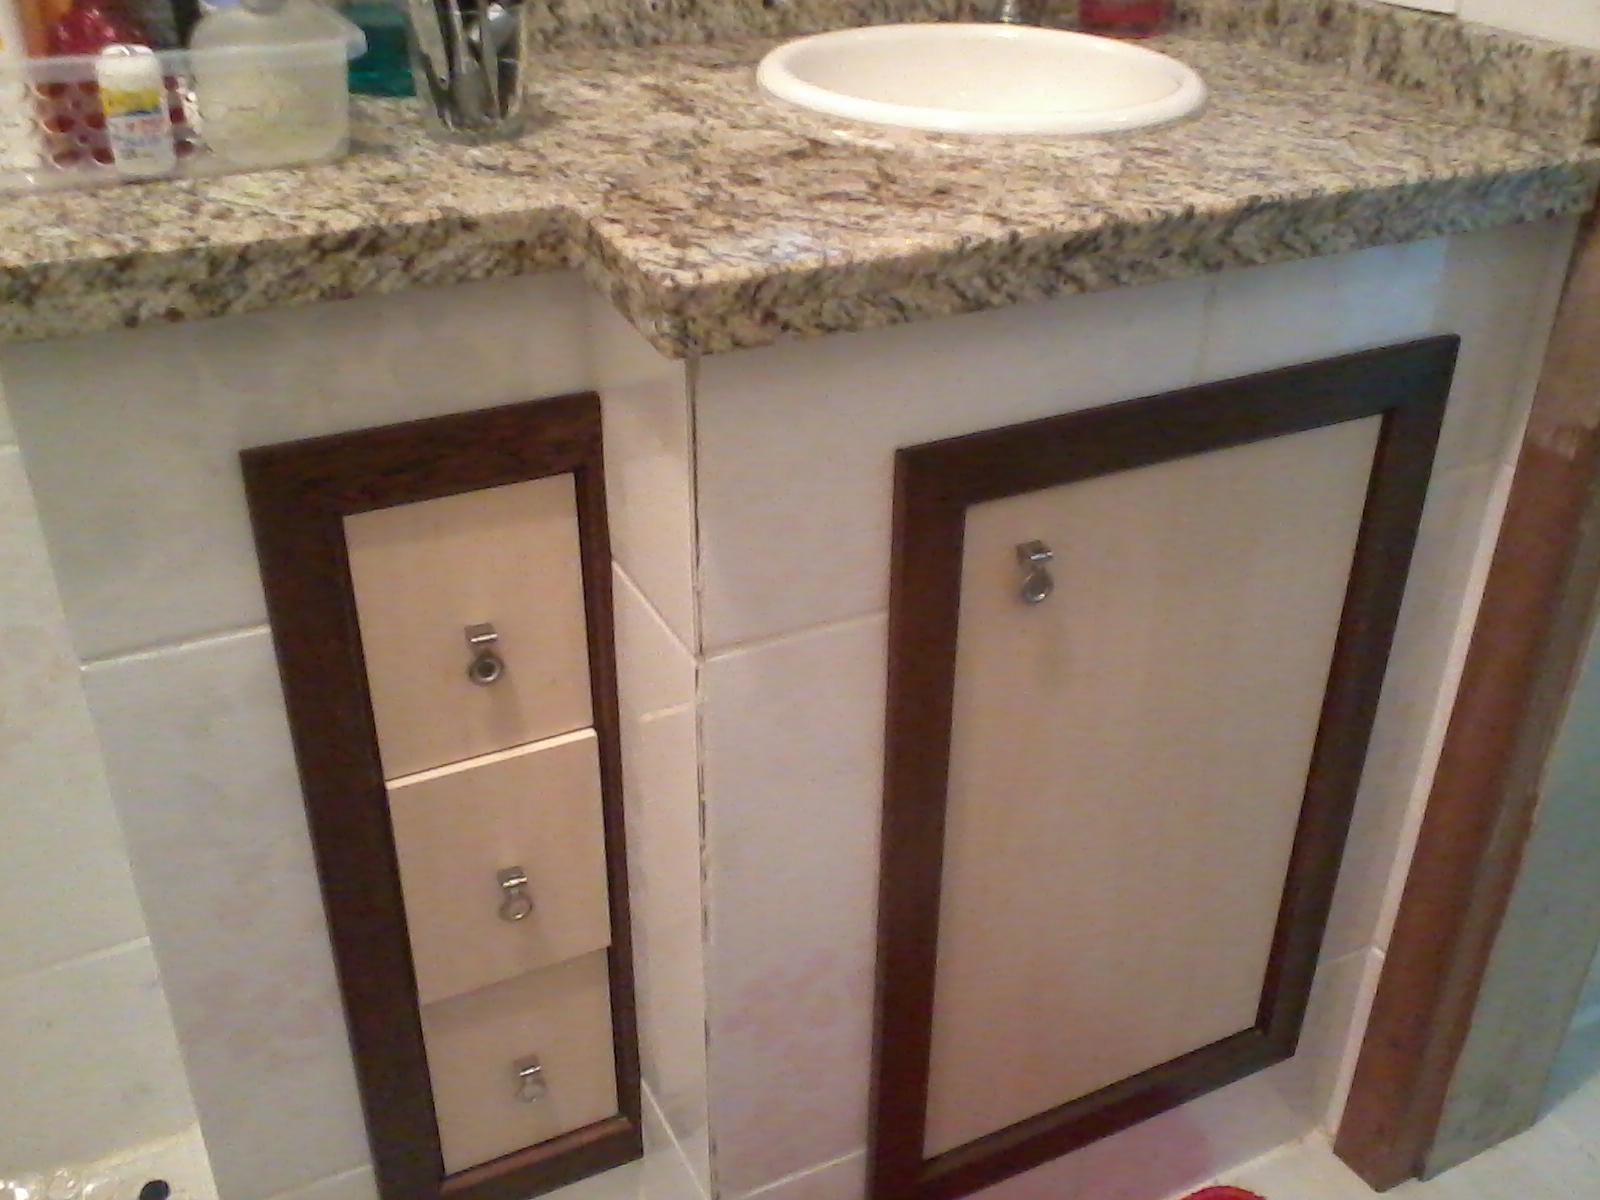 para banheiro em MDF com caixilho em madeira maciça em estrutura de  #916C3A 1600x1200 Banheiro Com Banheira De Alvenaria